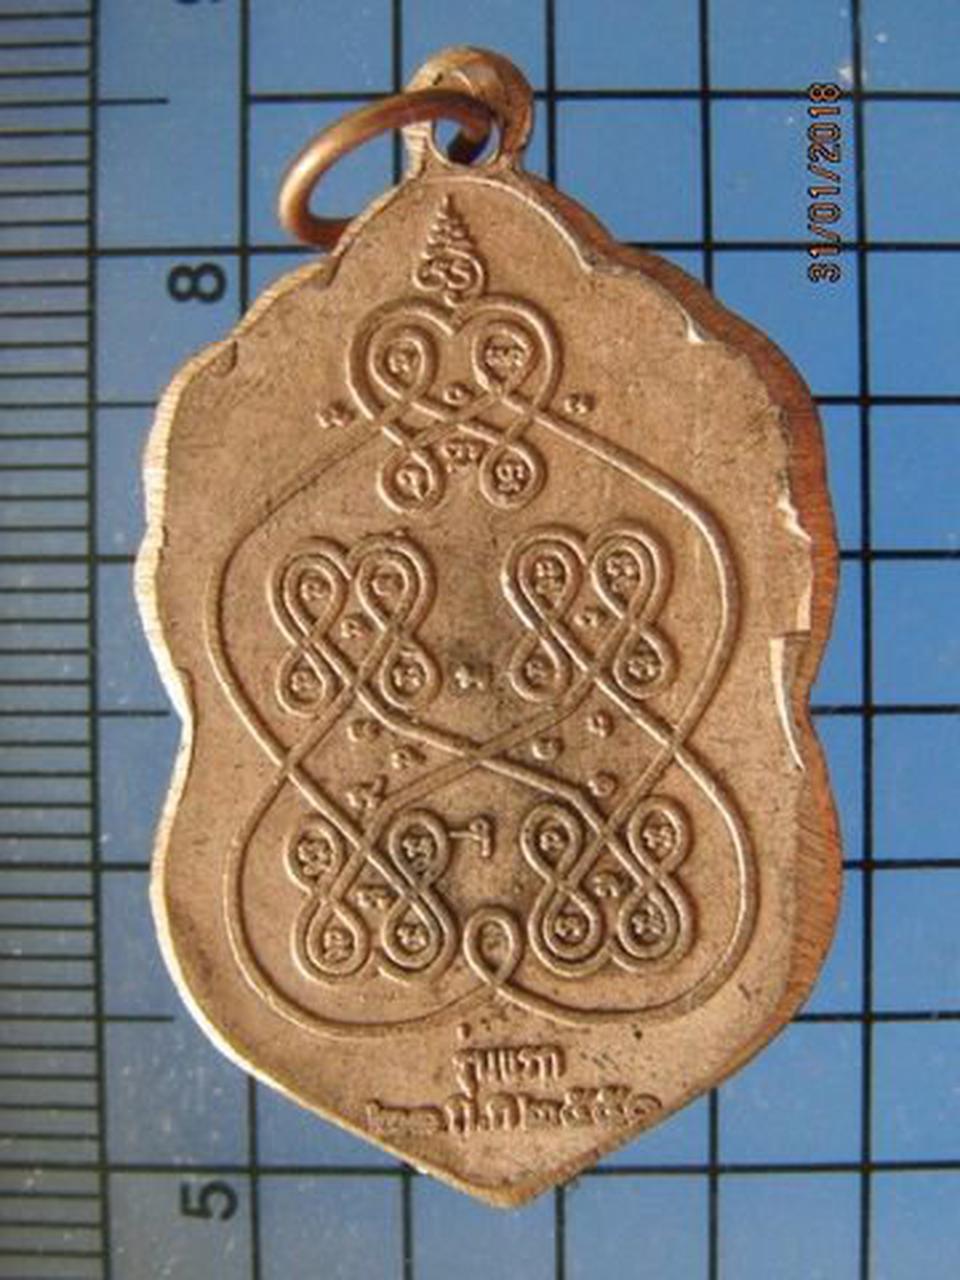 5058 เหรียญรุ่นแรกพระพุทธ วัดหนองคู ปี 2550 อ.ลำปลายมาศ จ.บุ รูปที่ 1